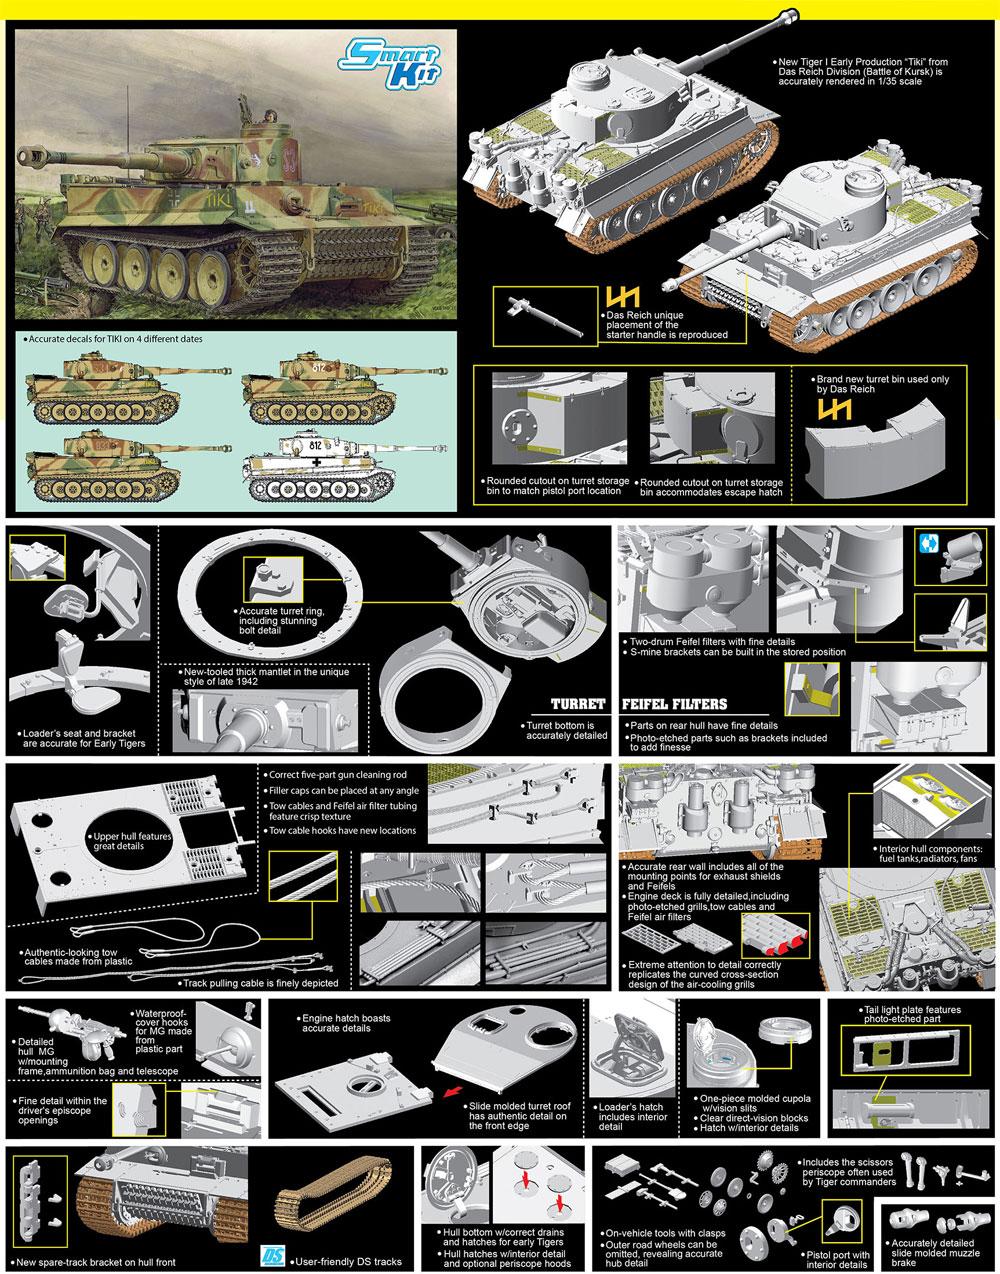 ドイツ ティーガー 1 初期生産型 TiKi ダスライヒ師団  (クルスク戦)プラモデル(ドラゴン1/35 '39-'45 SeriesNo.6885)商品画像_2